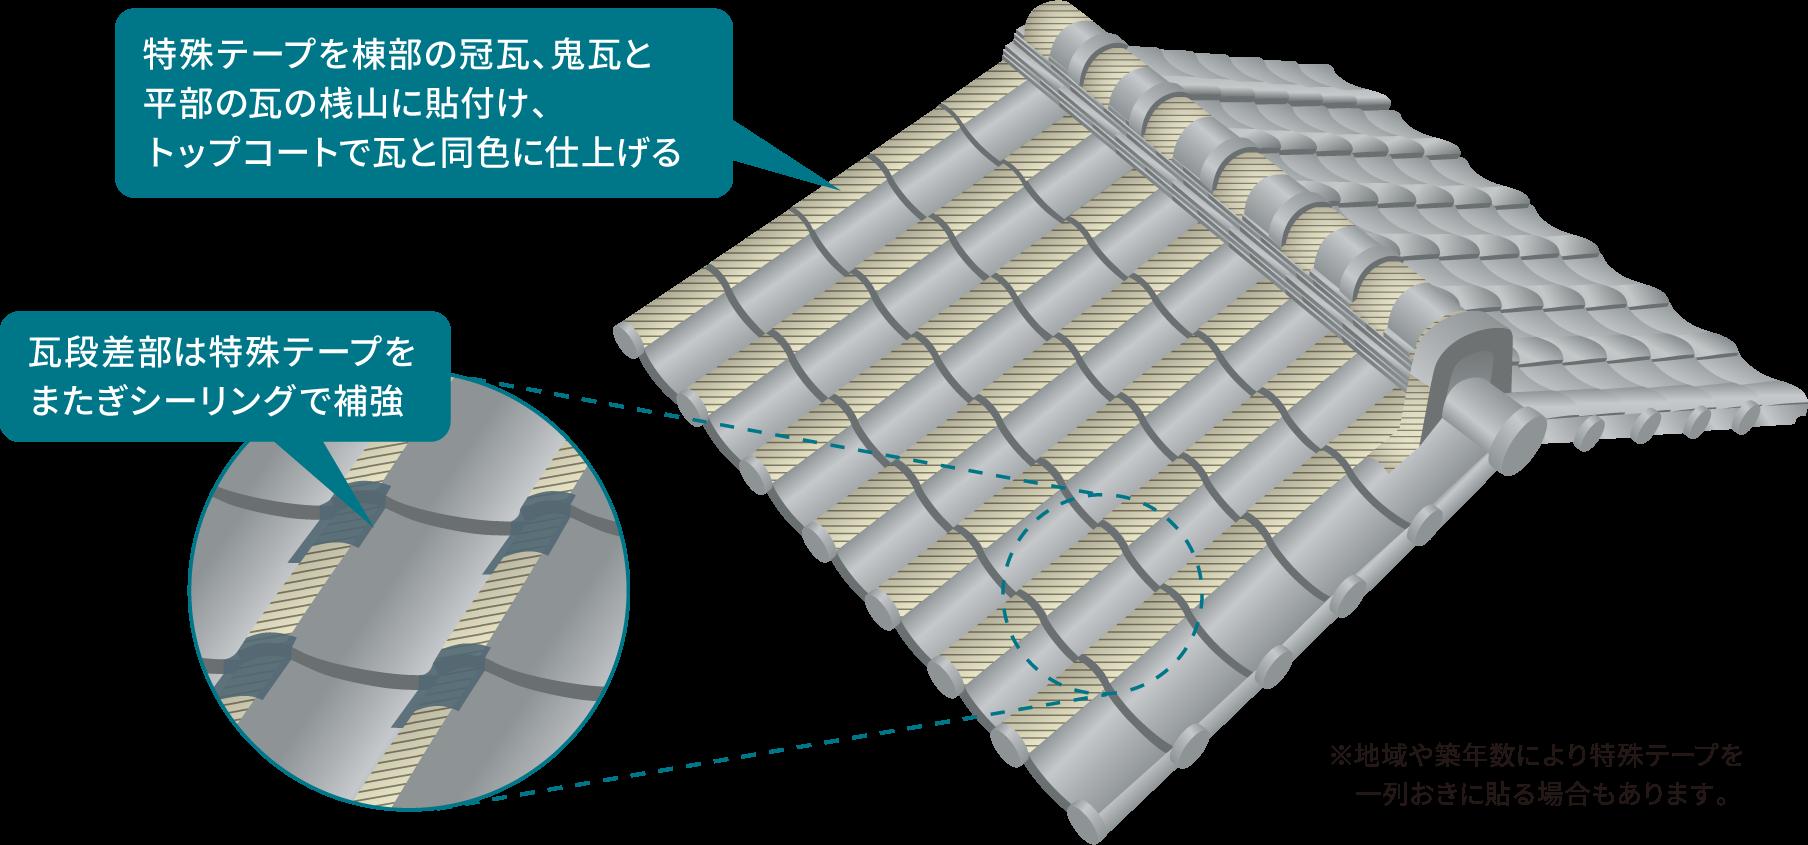 特殊テープを棟部の冠部と平部の瓦の桟山に貼付け、トップコートで瓦と同色に仕上げる                 瓦段差部は特殊テープをまたぎシールで補強                 ※地域や築年数により特殊テープを一列おきに貼る場合もあります。